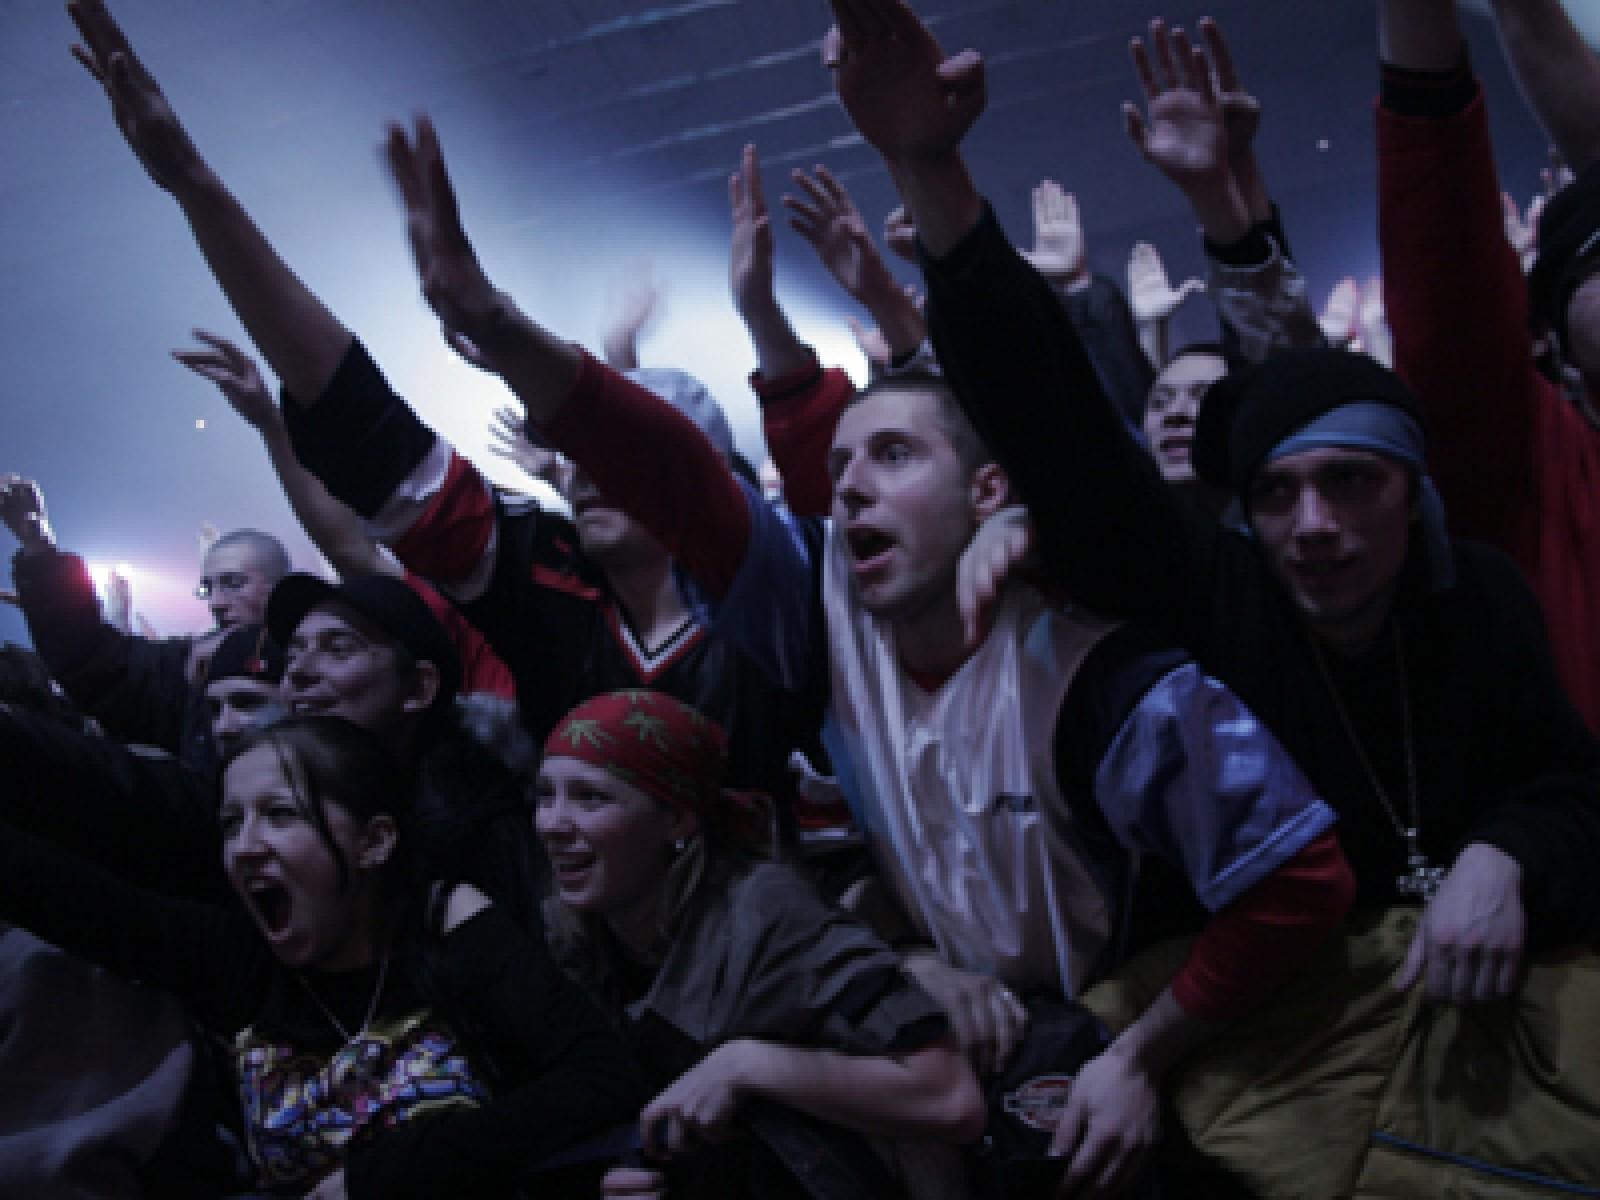 Grupul Wu-Tang Clan a fost dat în judecată pentru 1 milion de dolari